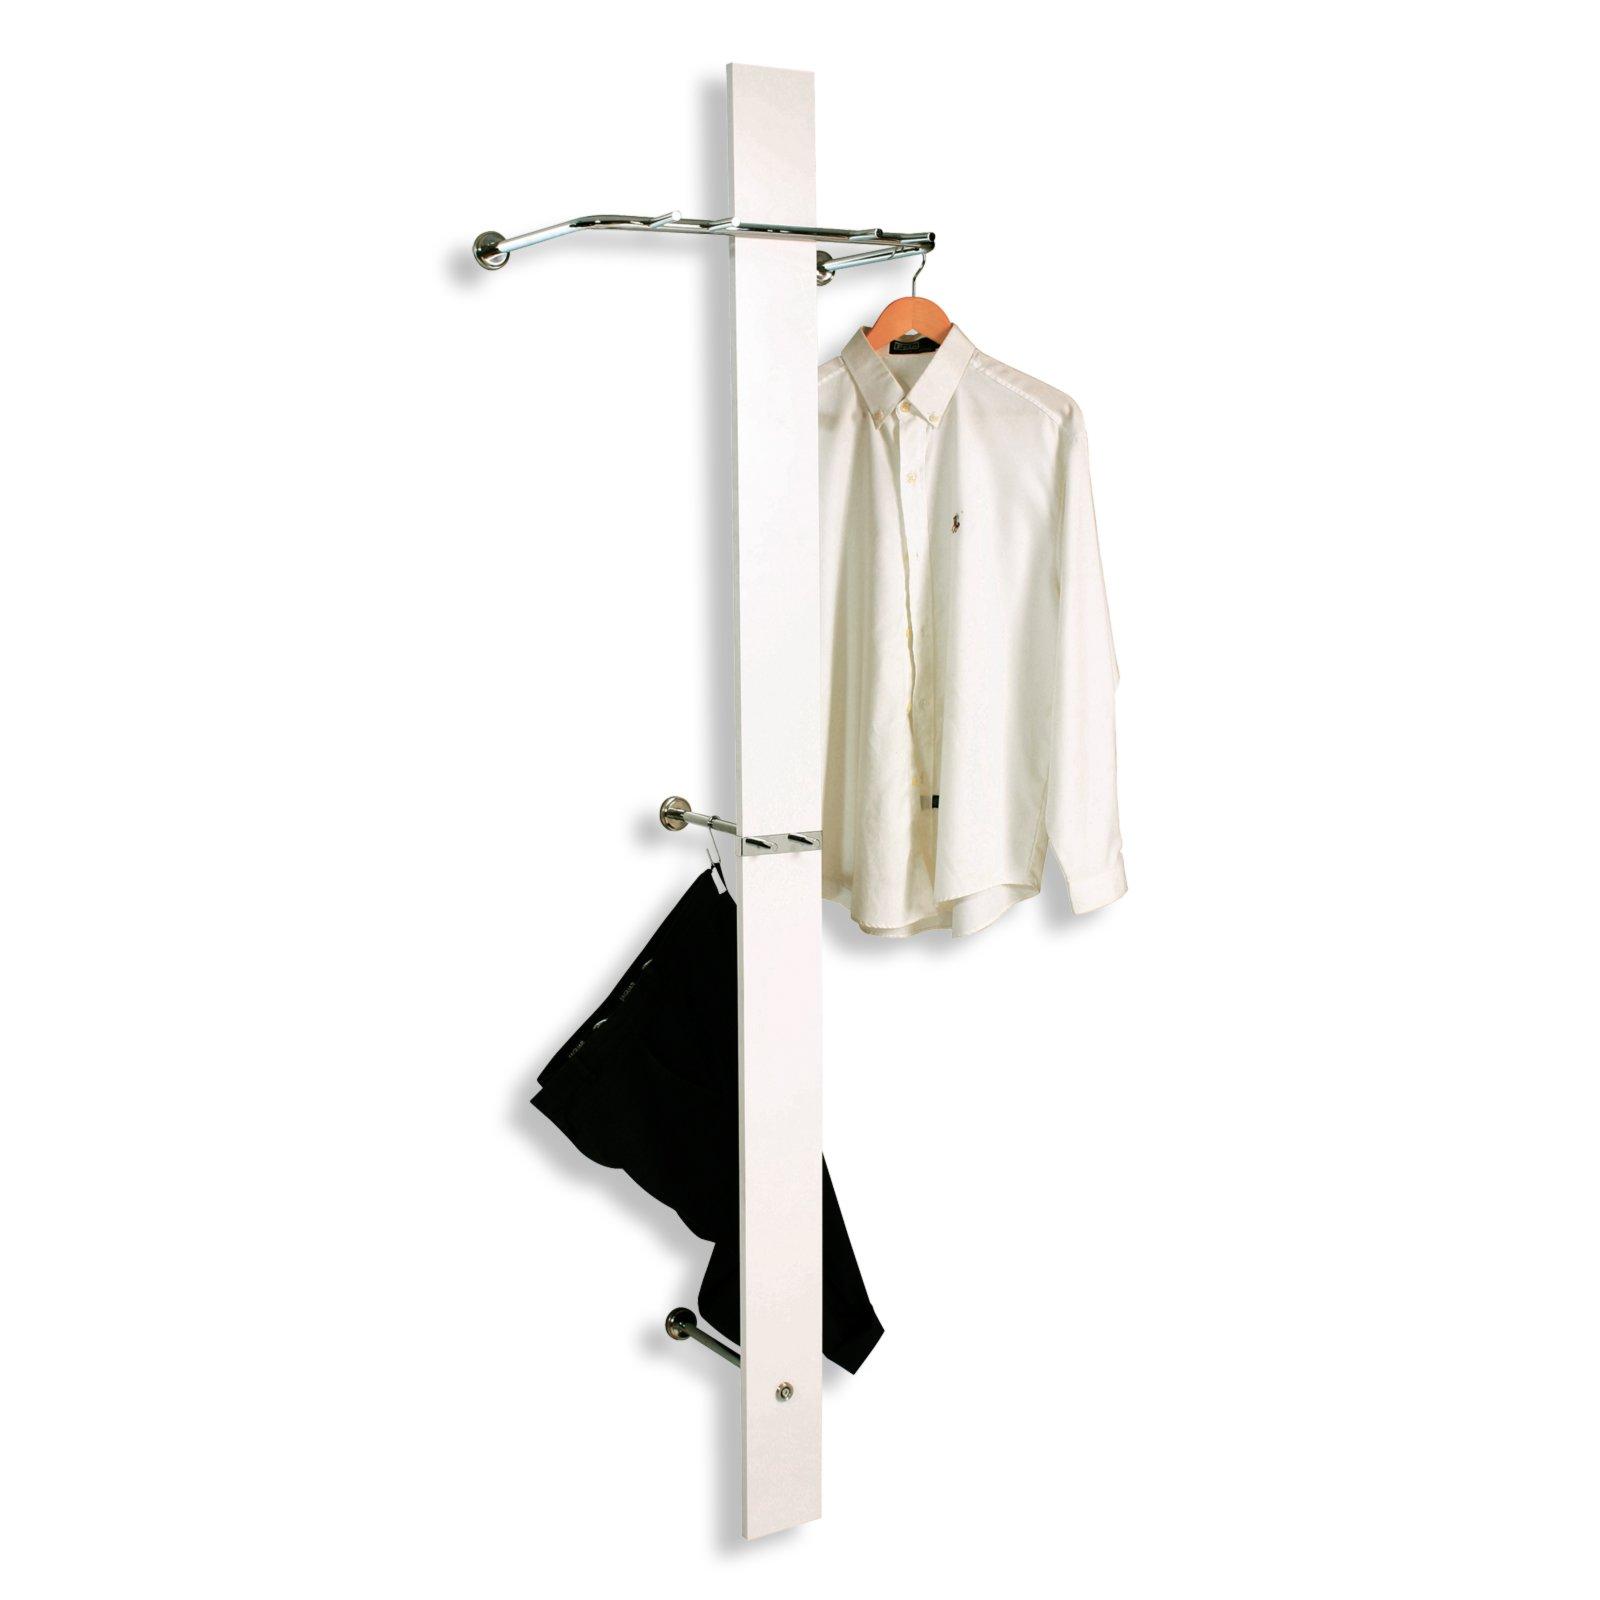 Wandgarderobe wandgarderoben paneele flur diele for Flur garderoben paneele